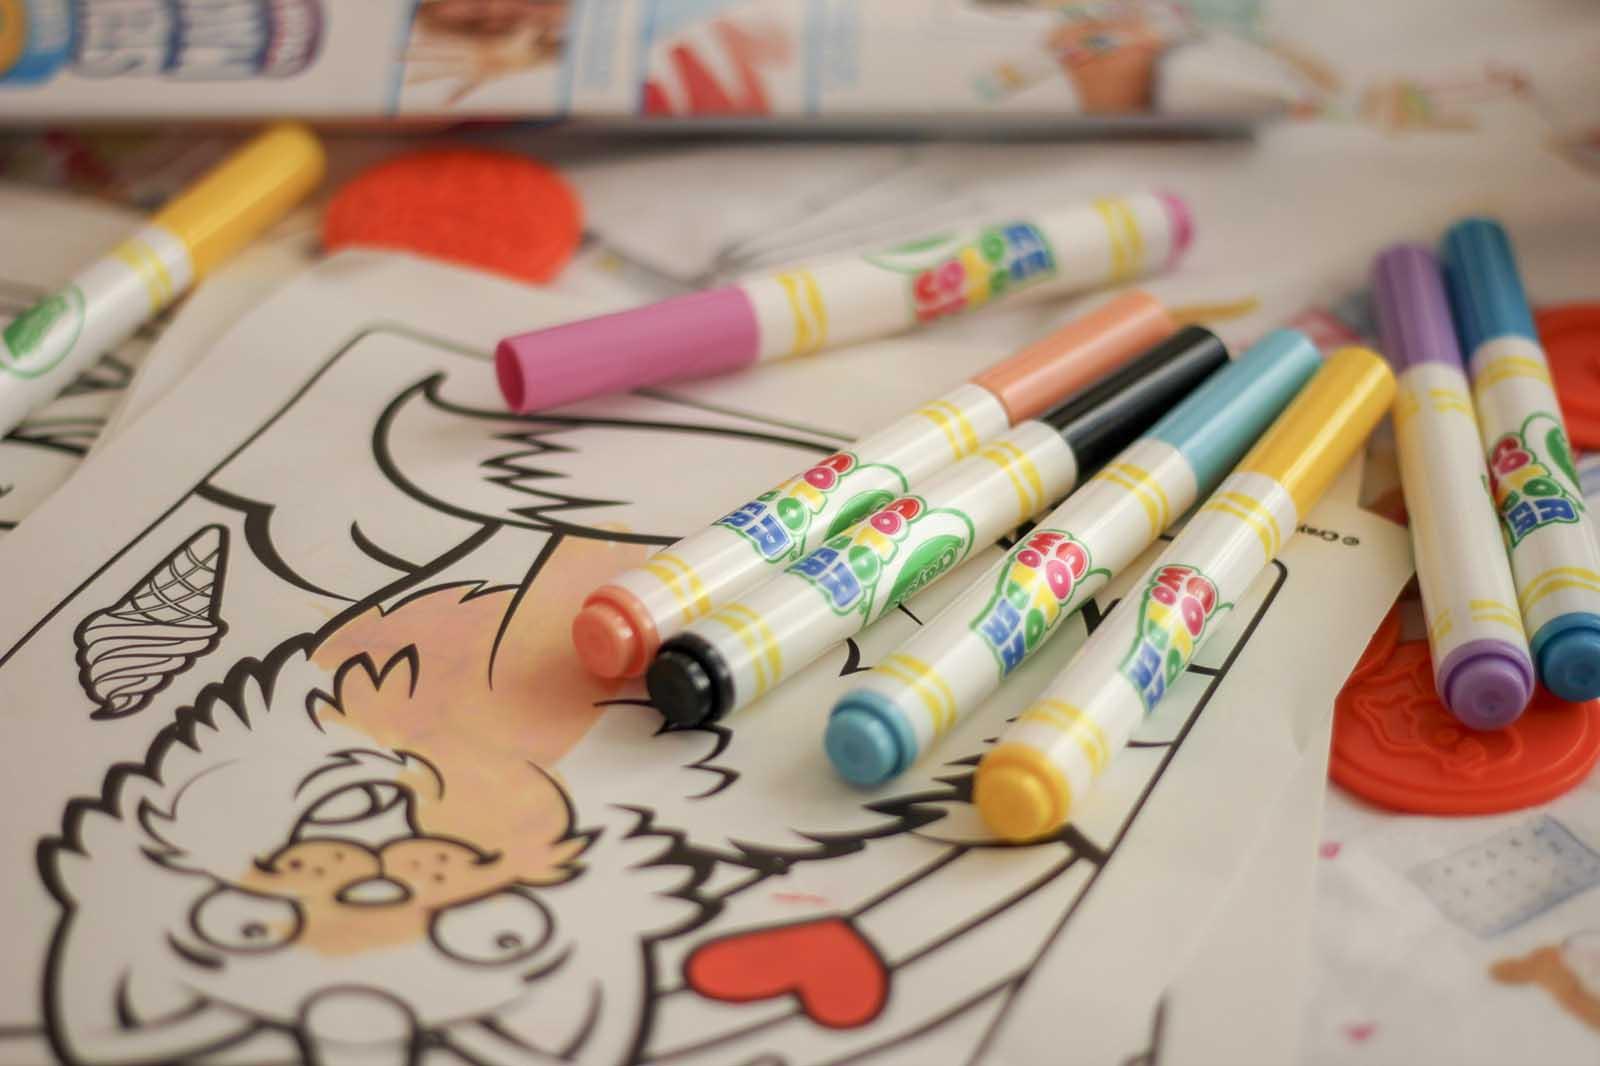 crayola wonder color